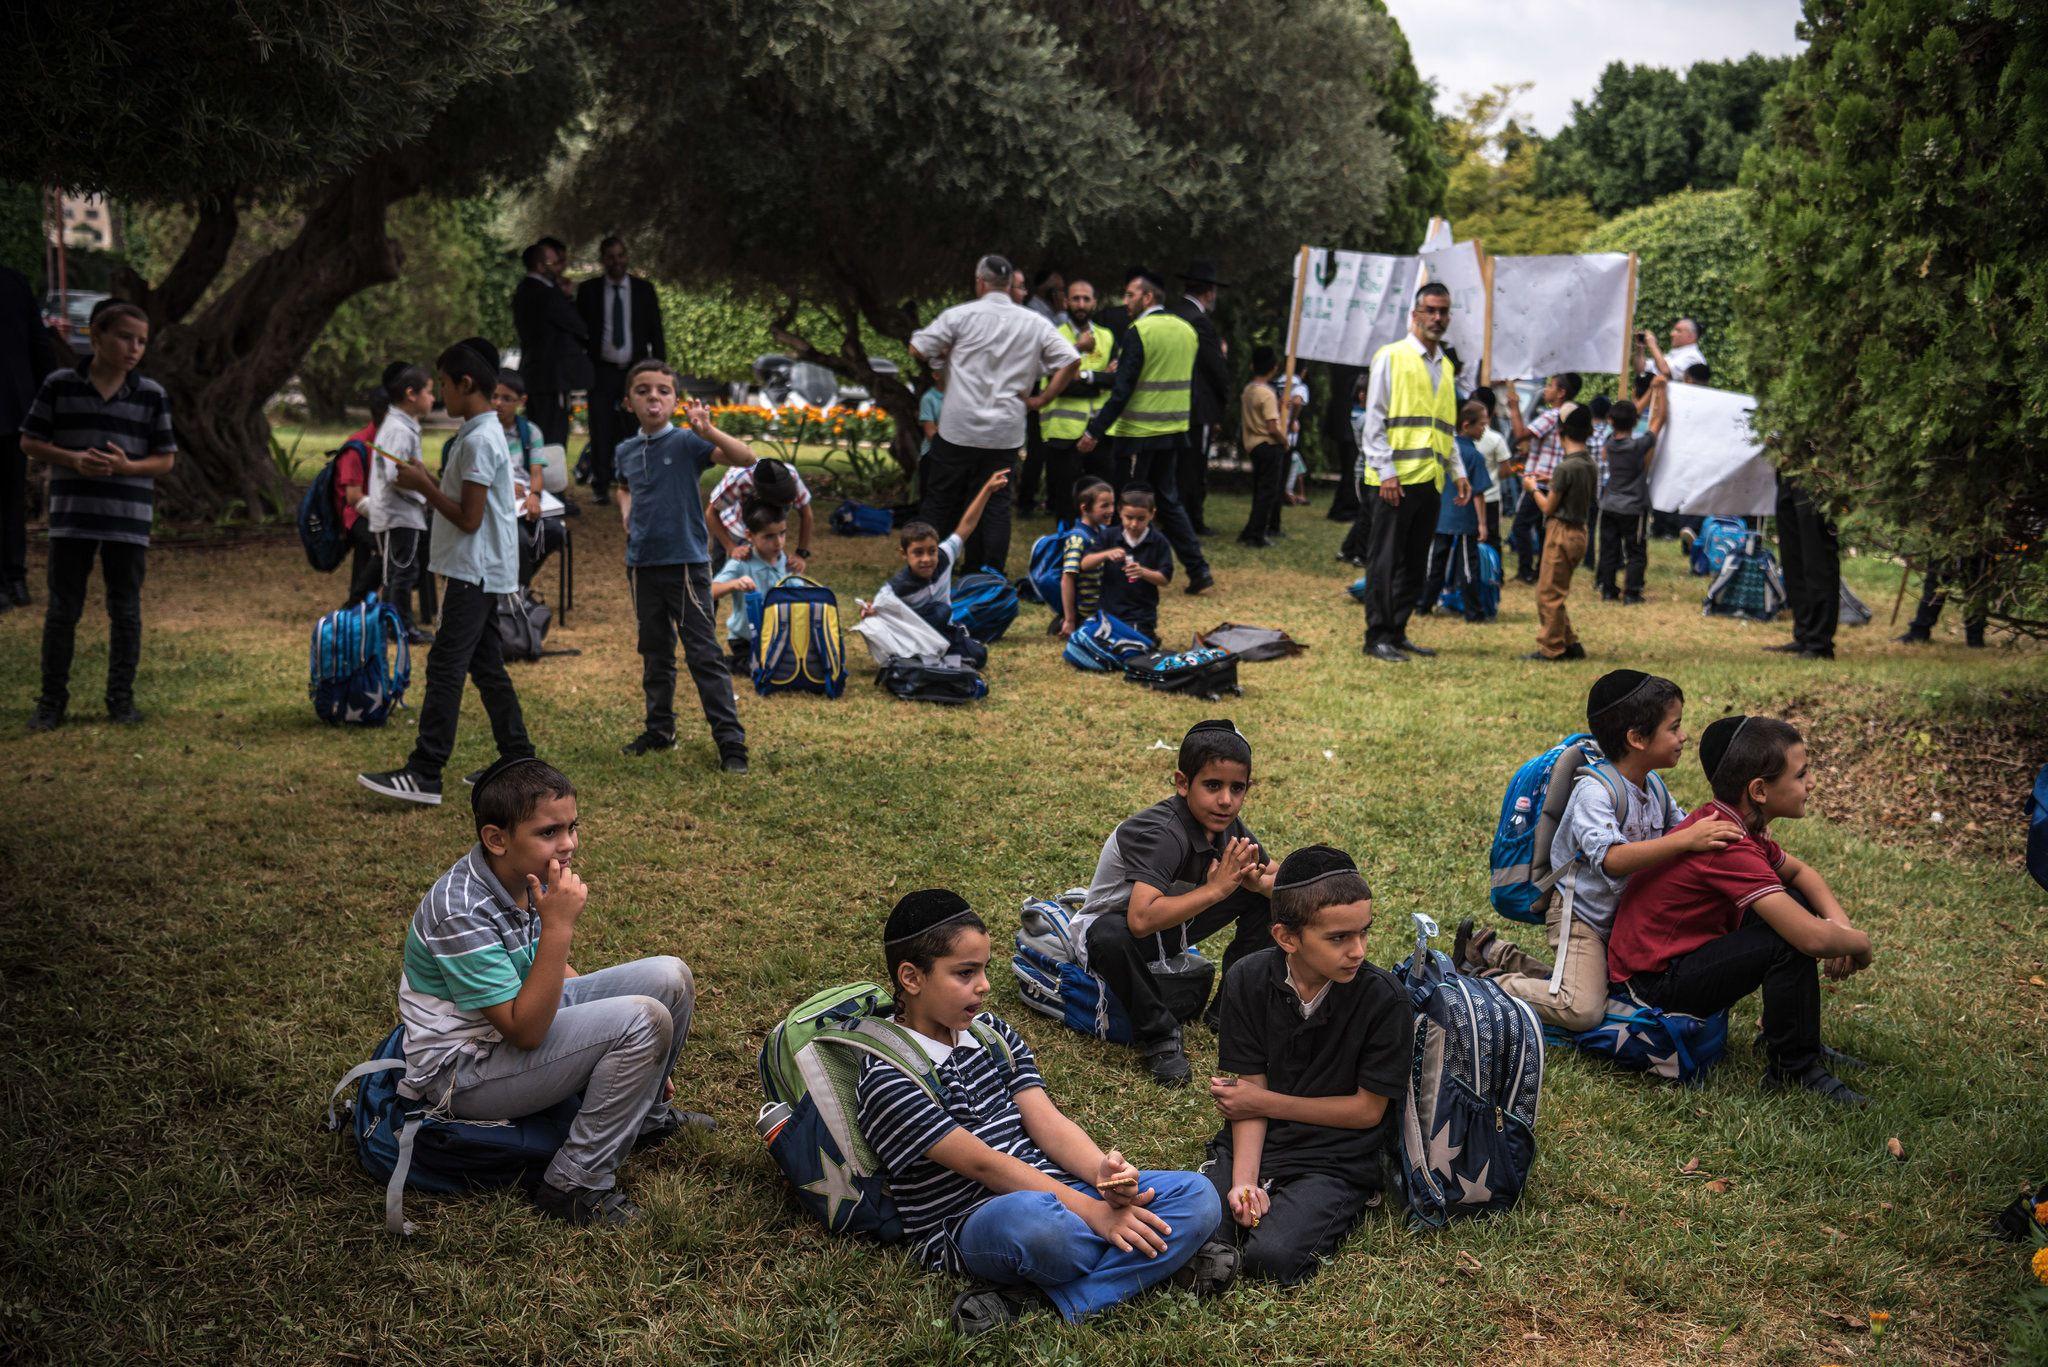 Estudiantes de una escuela ultraortodoxa en el asentamiento de Maale Adumim asistieron a una protesta en contra de una visita de parte de Lieberman.